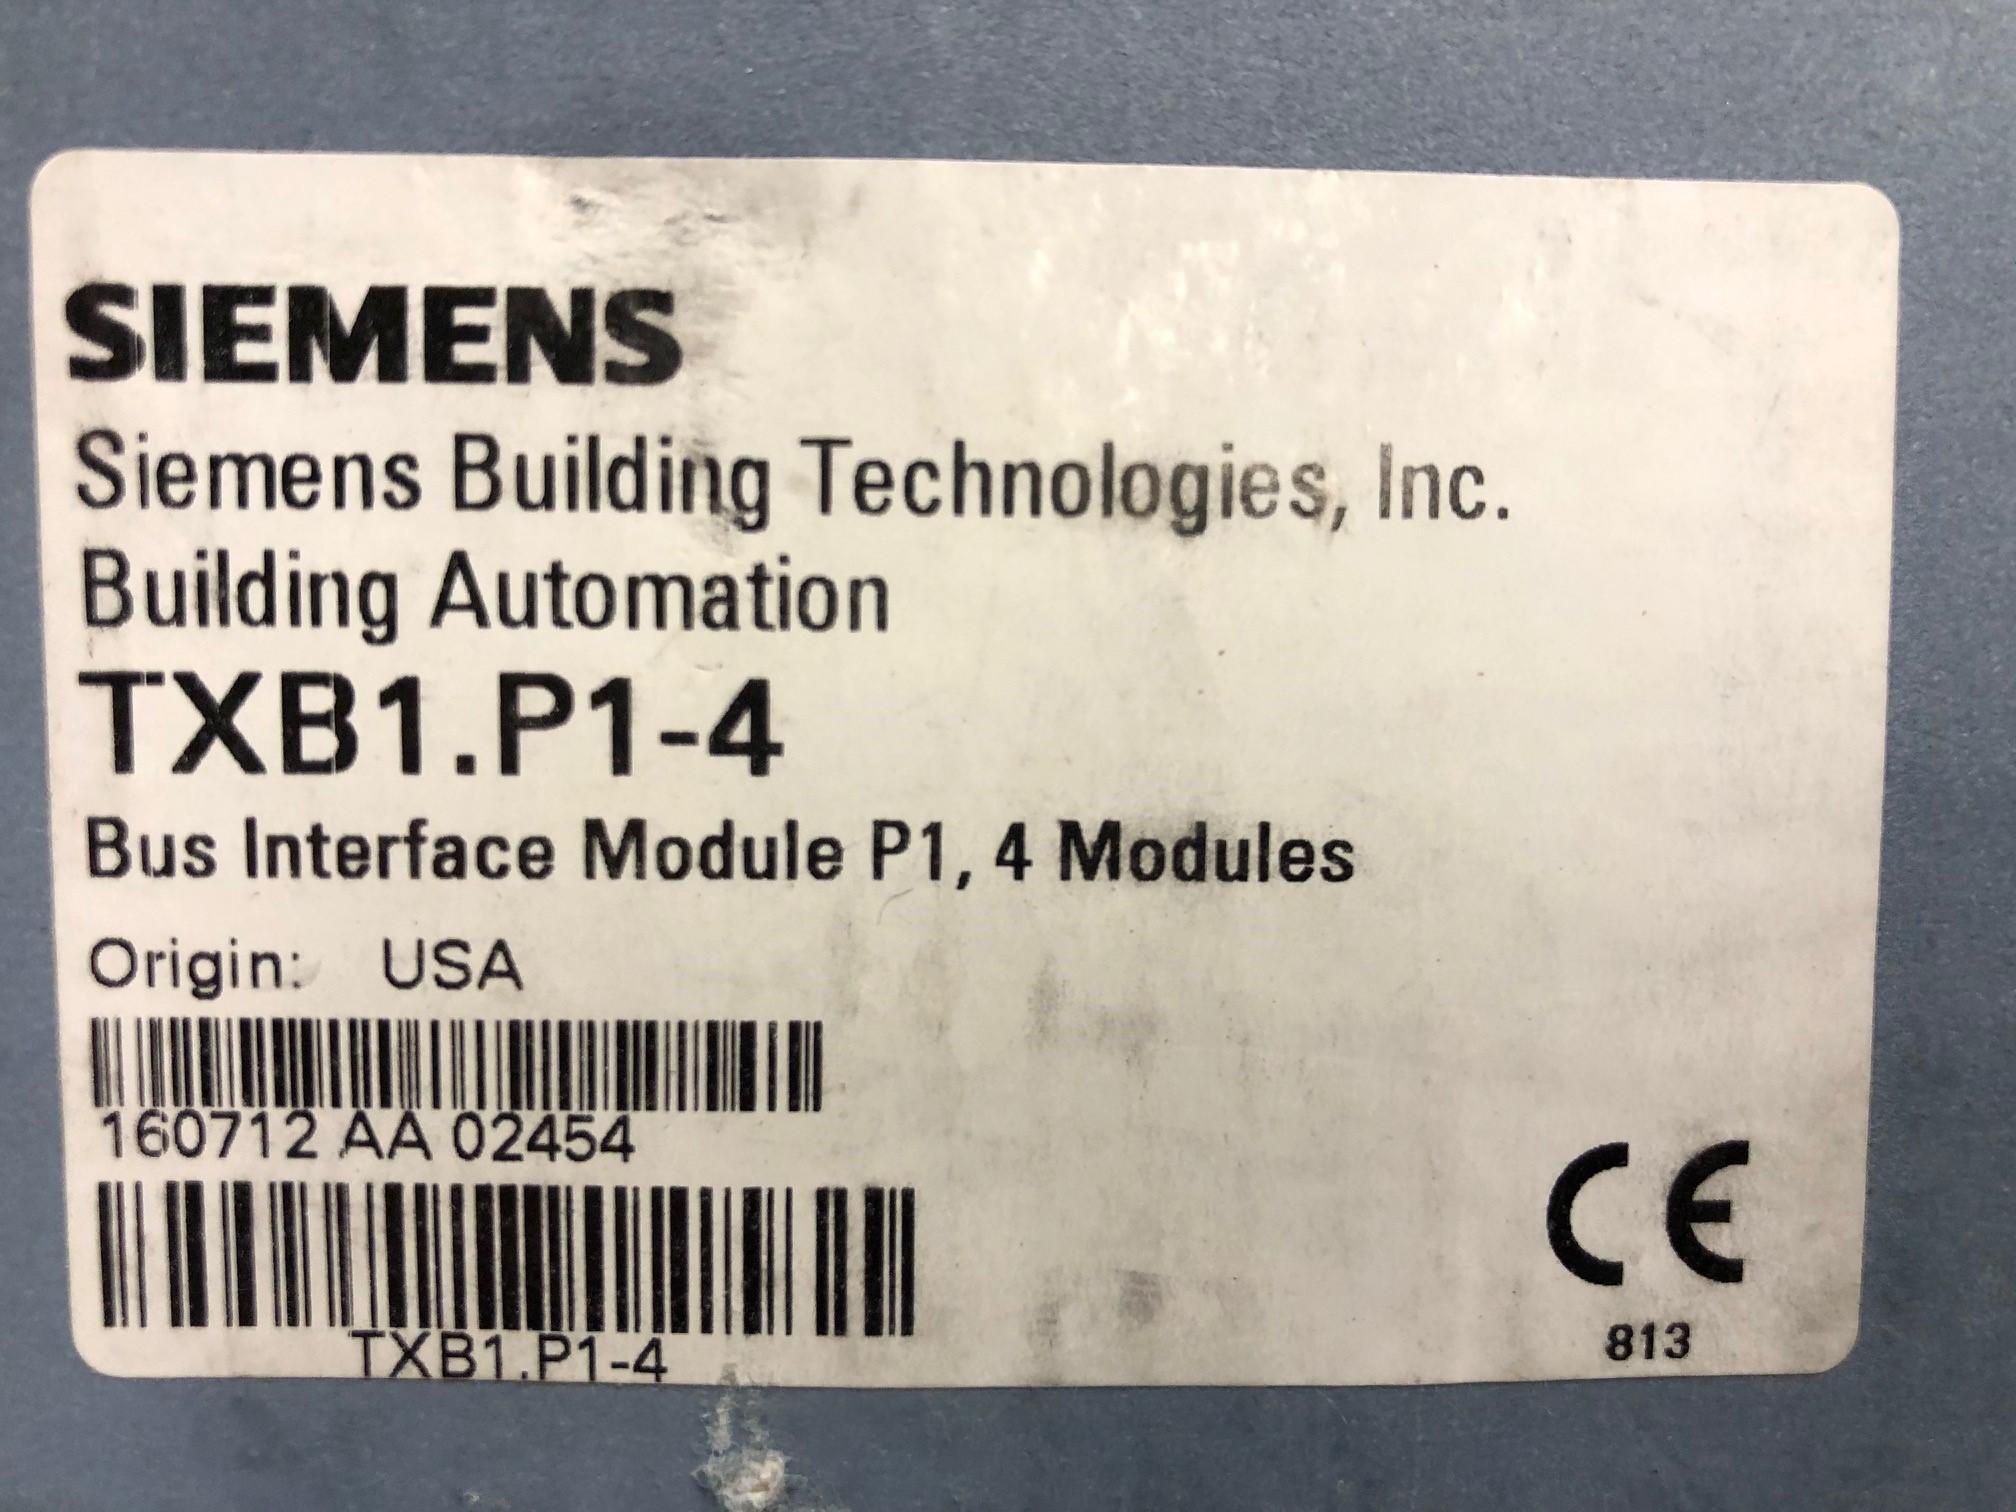 Siemens TXB1.P1-4